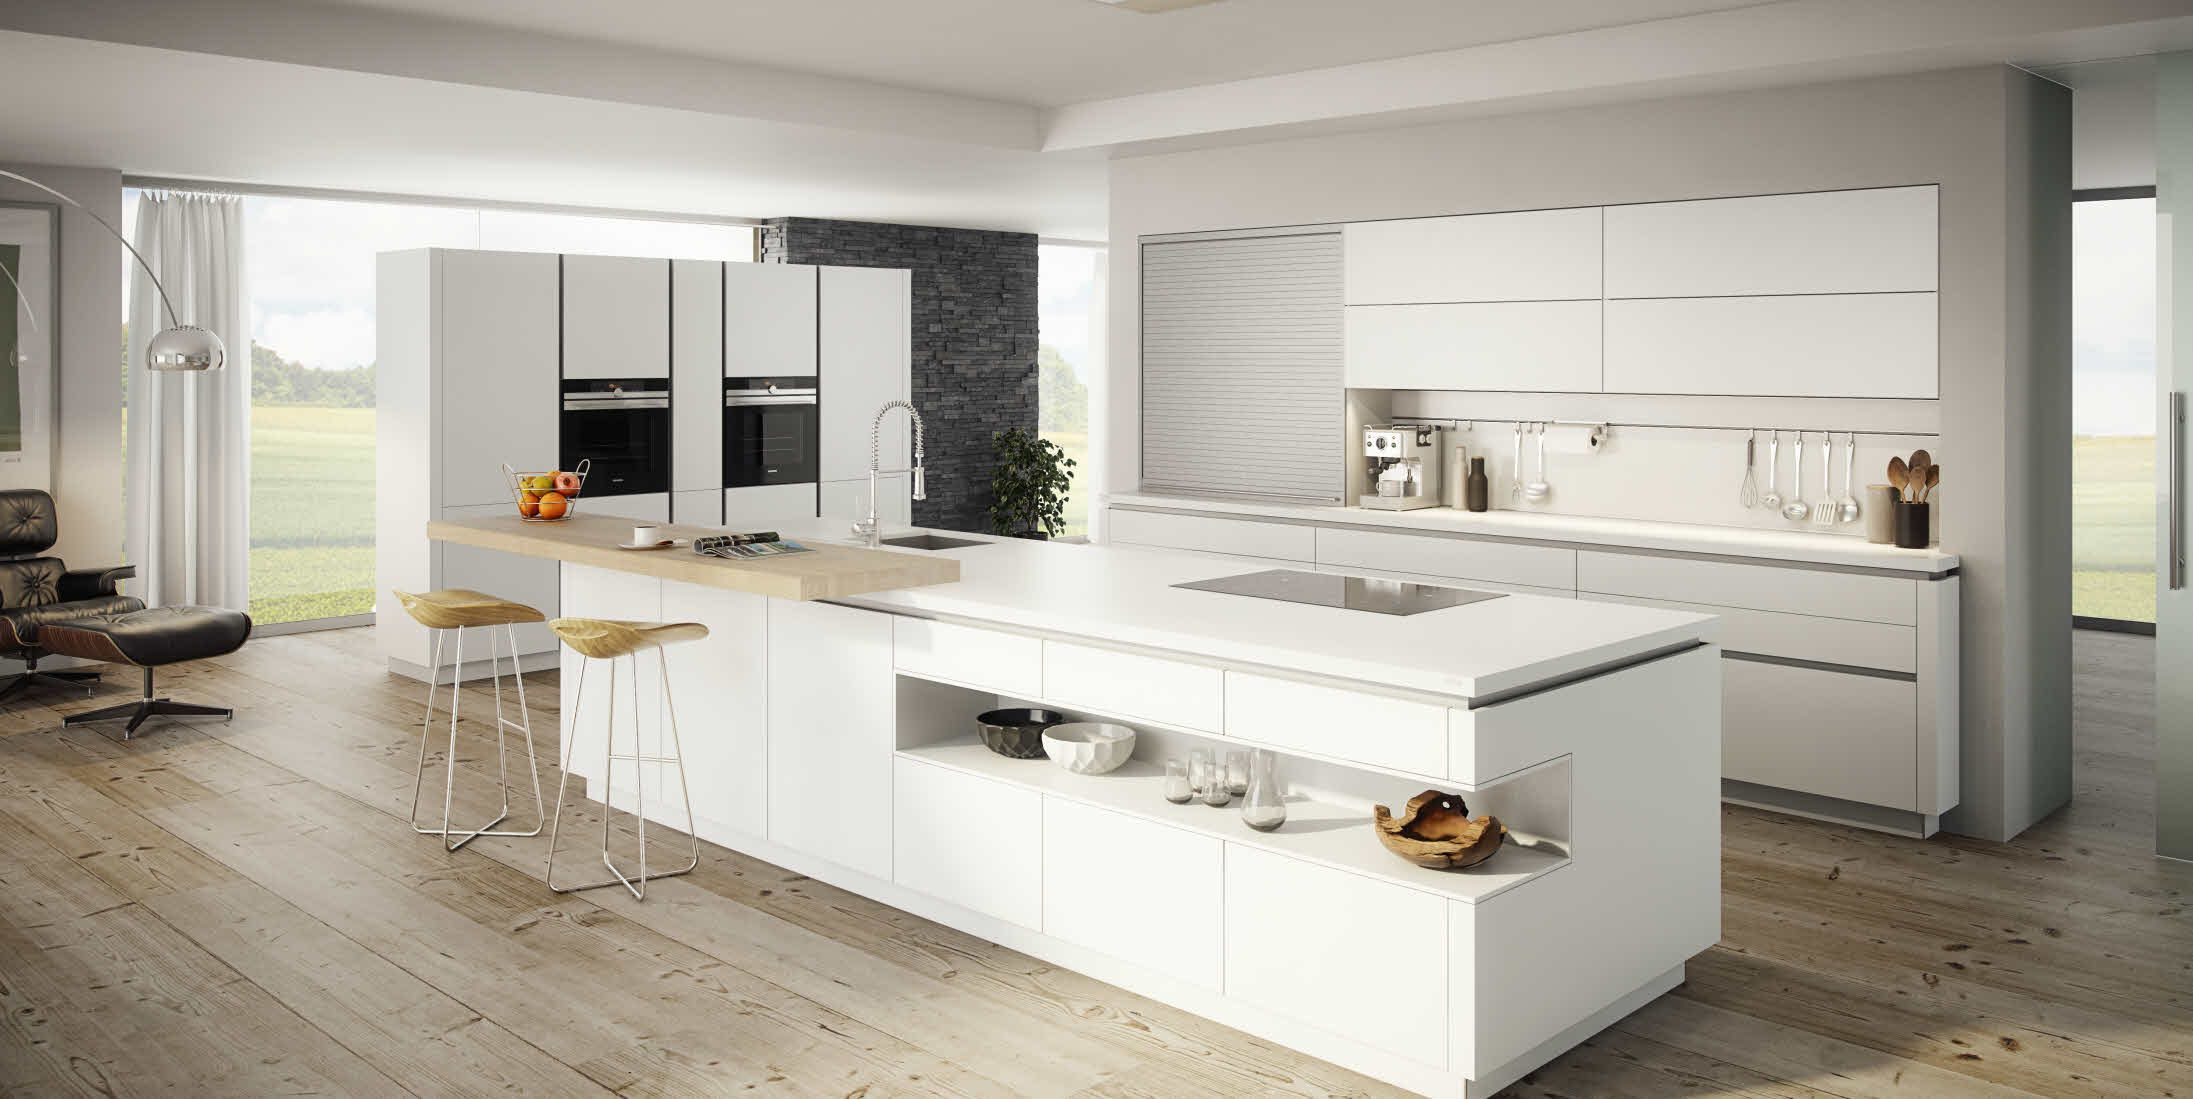 Wunderbar Metzger Block Kücheninsel Fotos - Ideen Für Die Küche ...